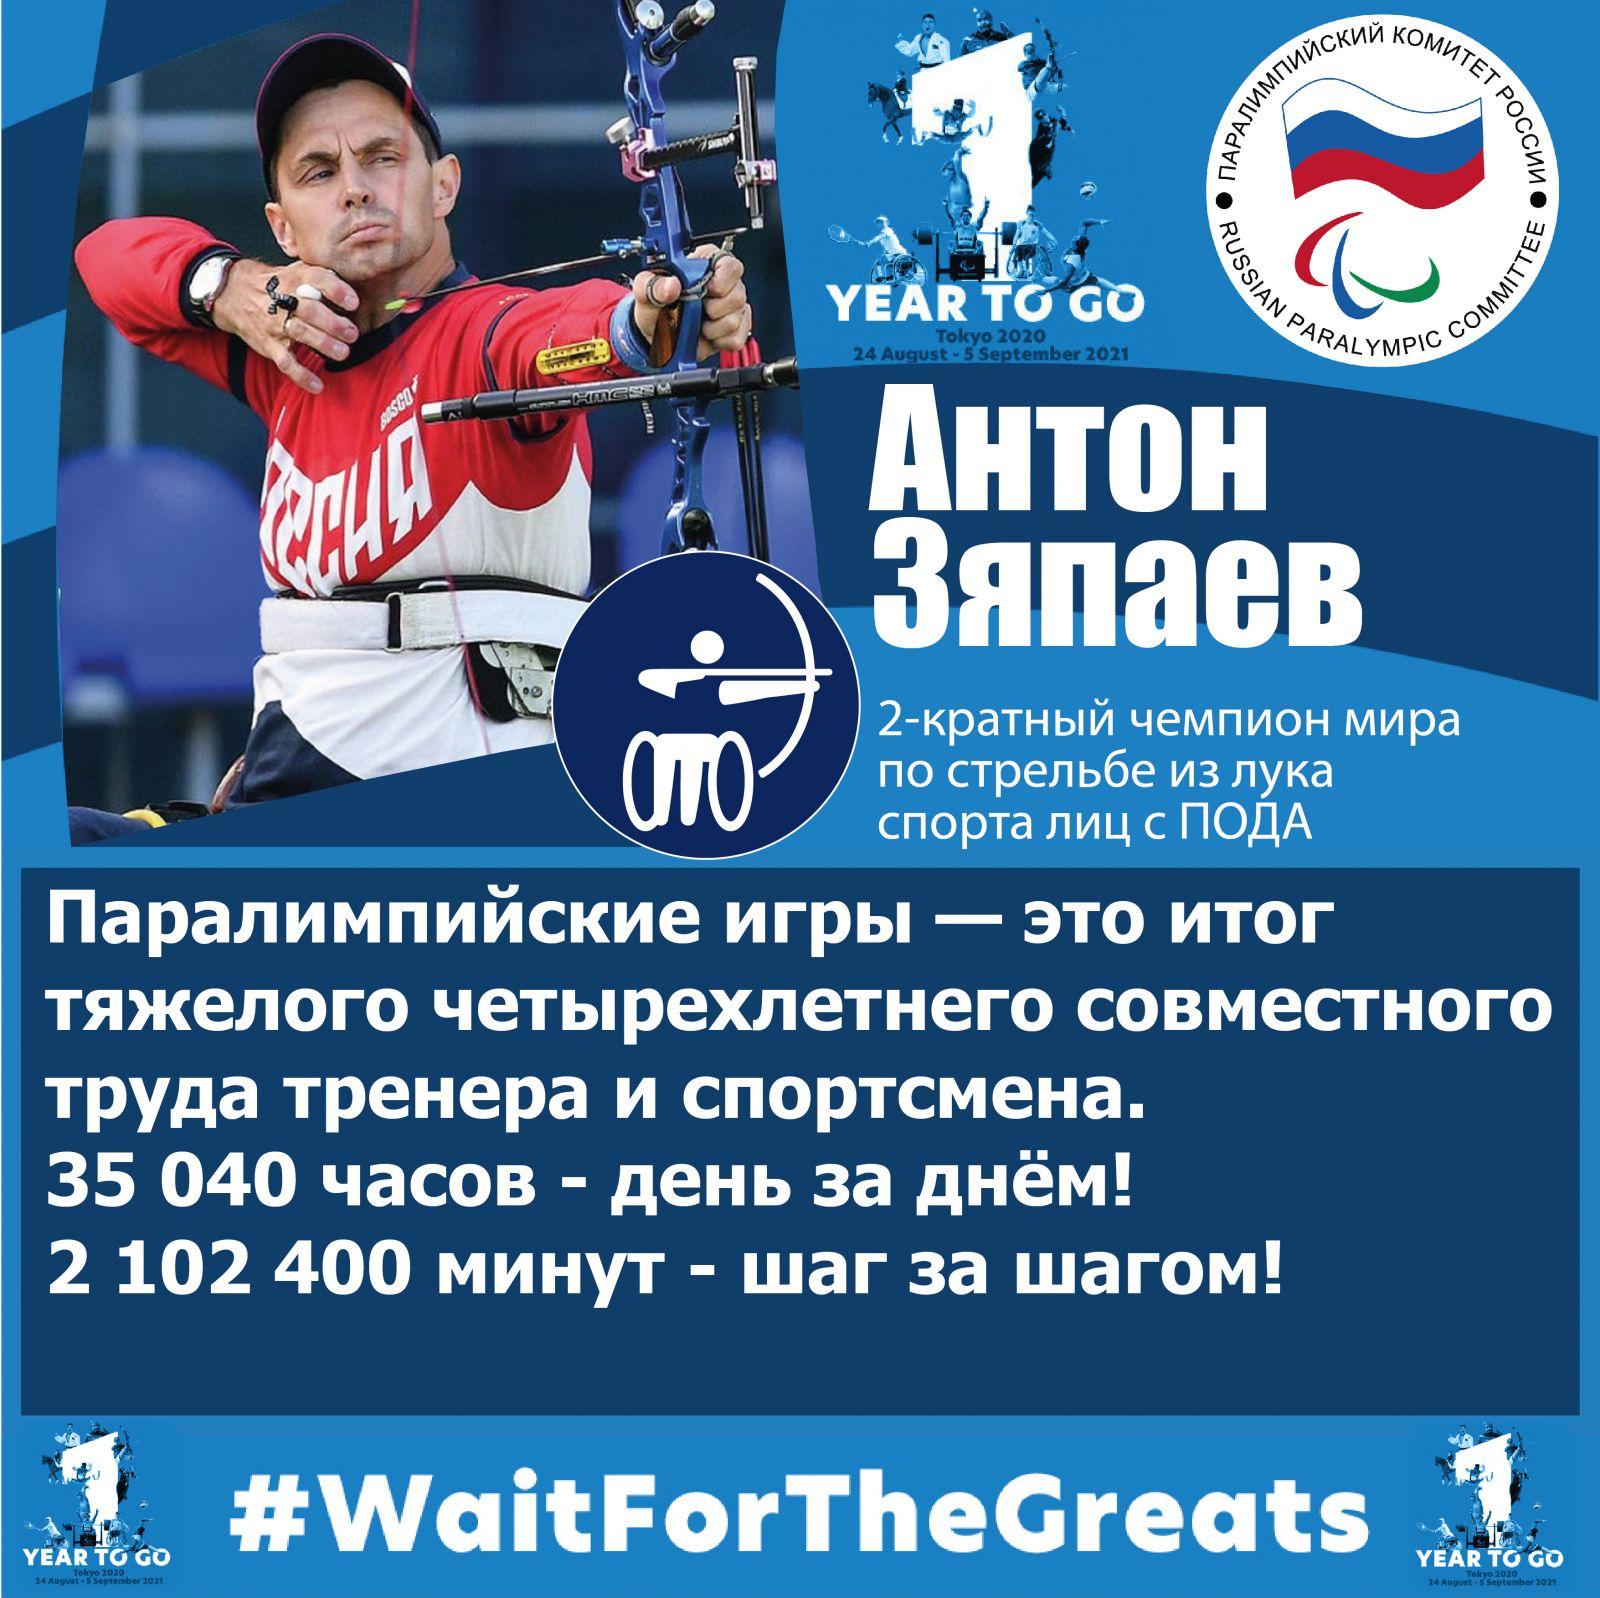 А. Зяпаев: «Паралимпийские игры — это итог тяжелого четырехлетнего совместного труда тренера и спортсмена. 35 040 часов - день за днём! 2 102 400 минут - шаг за шагом!»